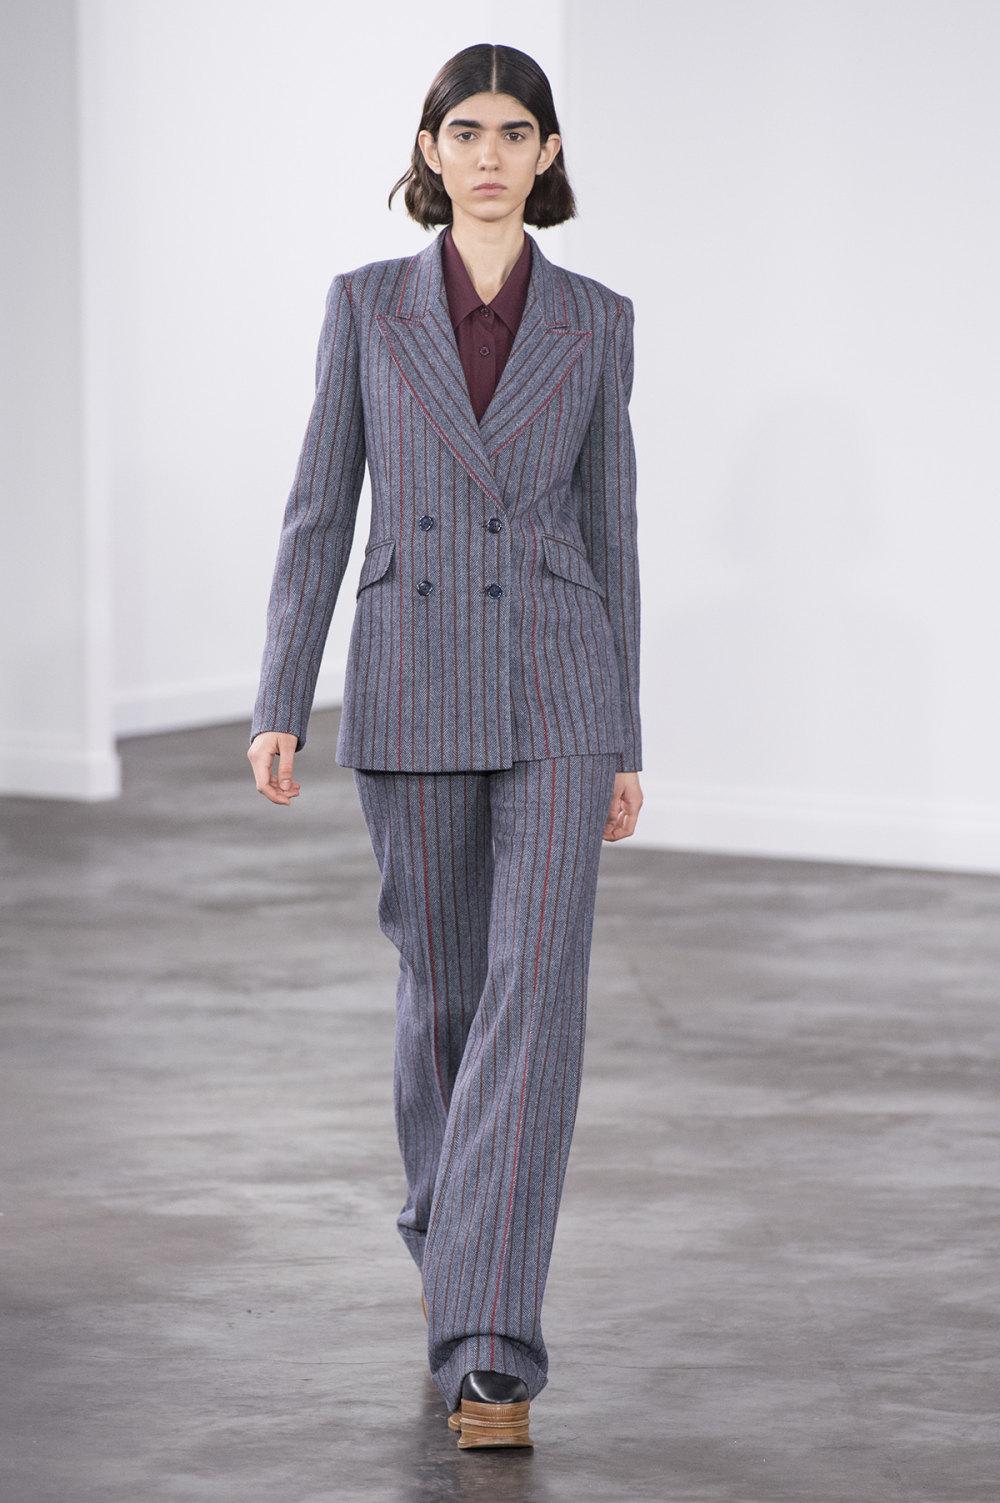 Gabriela Hearst时装系列细条纹西装和宽大毛衣之间形成鲜明对比-13.jpg